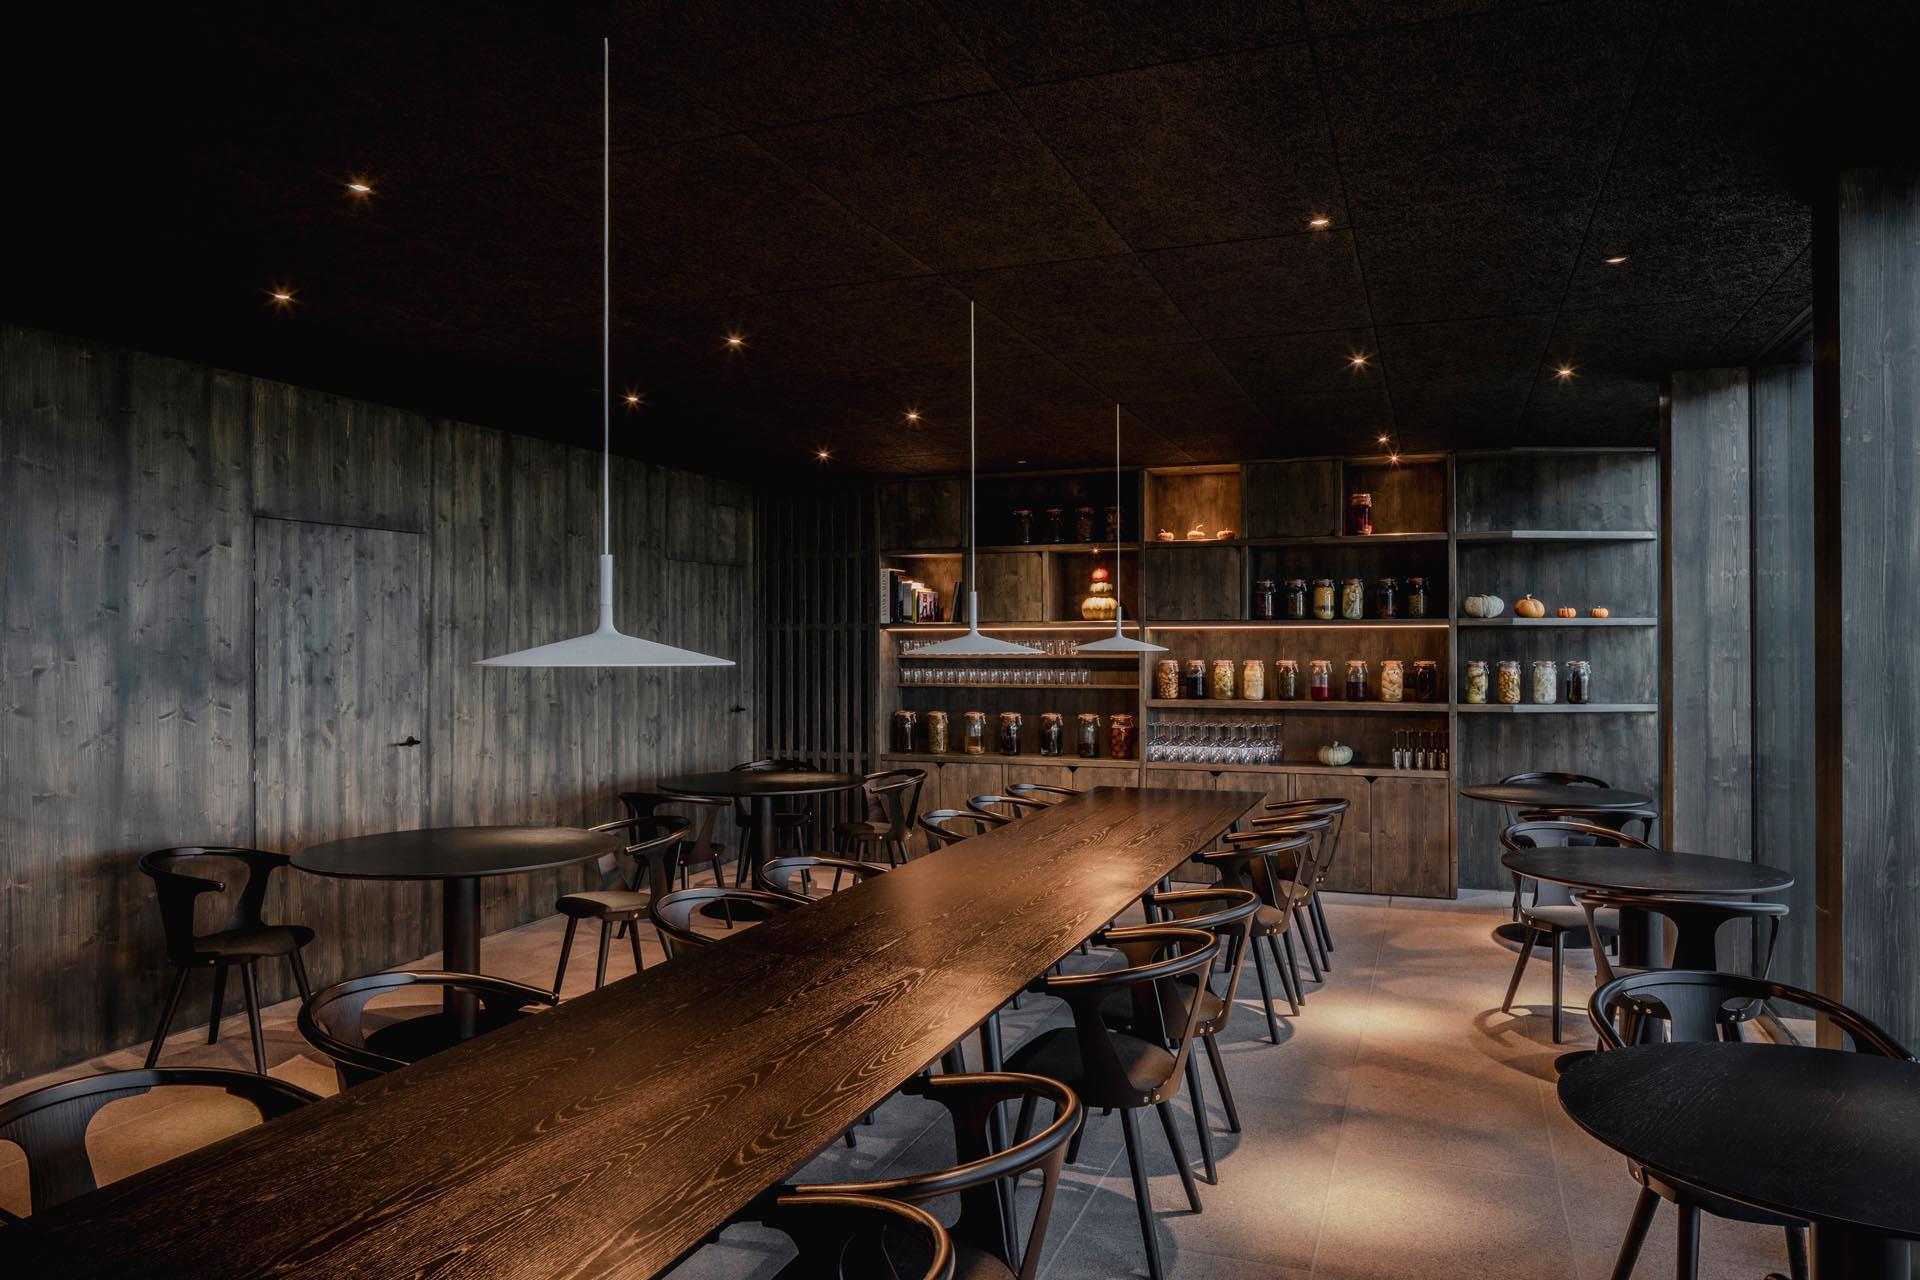 A modern hotel restaurant with a dark wood interior.